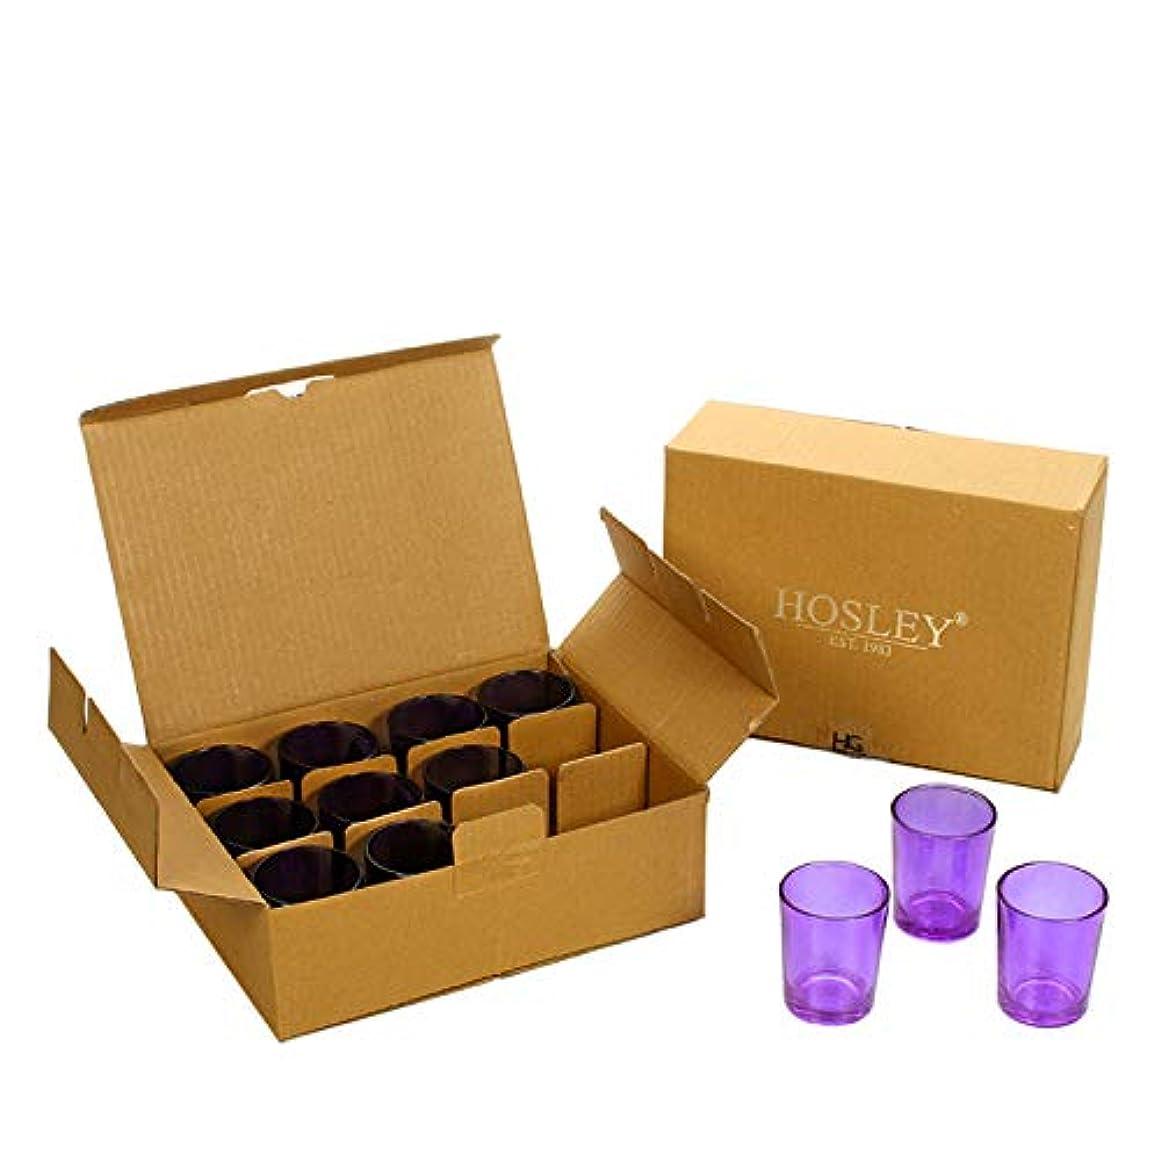 十分ではない広くほんのHosley's Set of 24 Purple Glass Votive/Tea Light Holders. Ideal for Weddings, Parties, Spa & Aromatherapy, Votive Candle Gardens. Use with Hosley Tea Lights, Bulk Buy